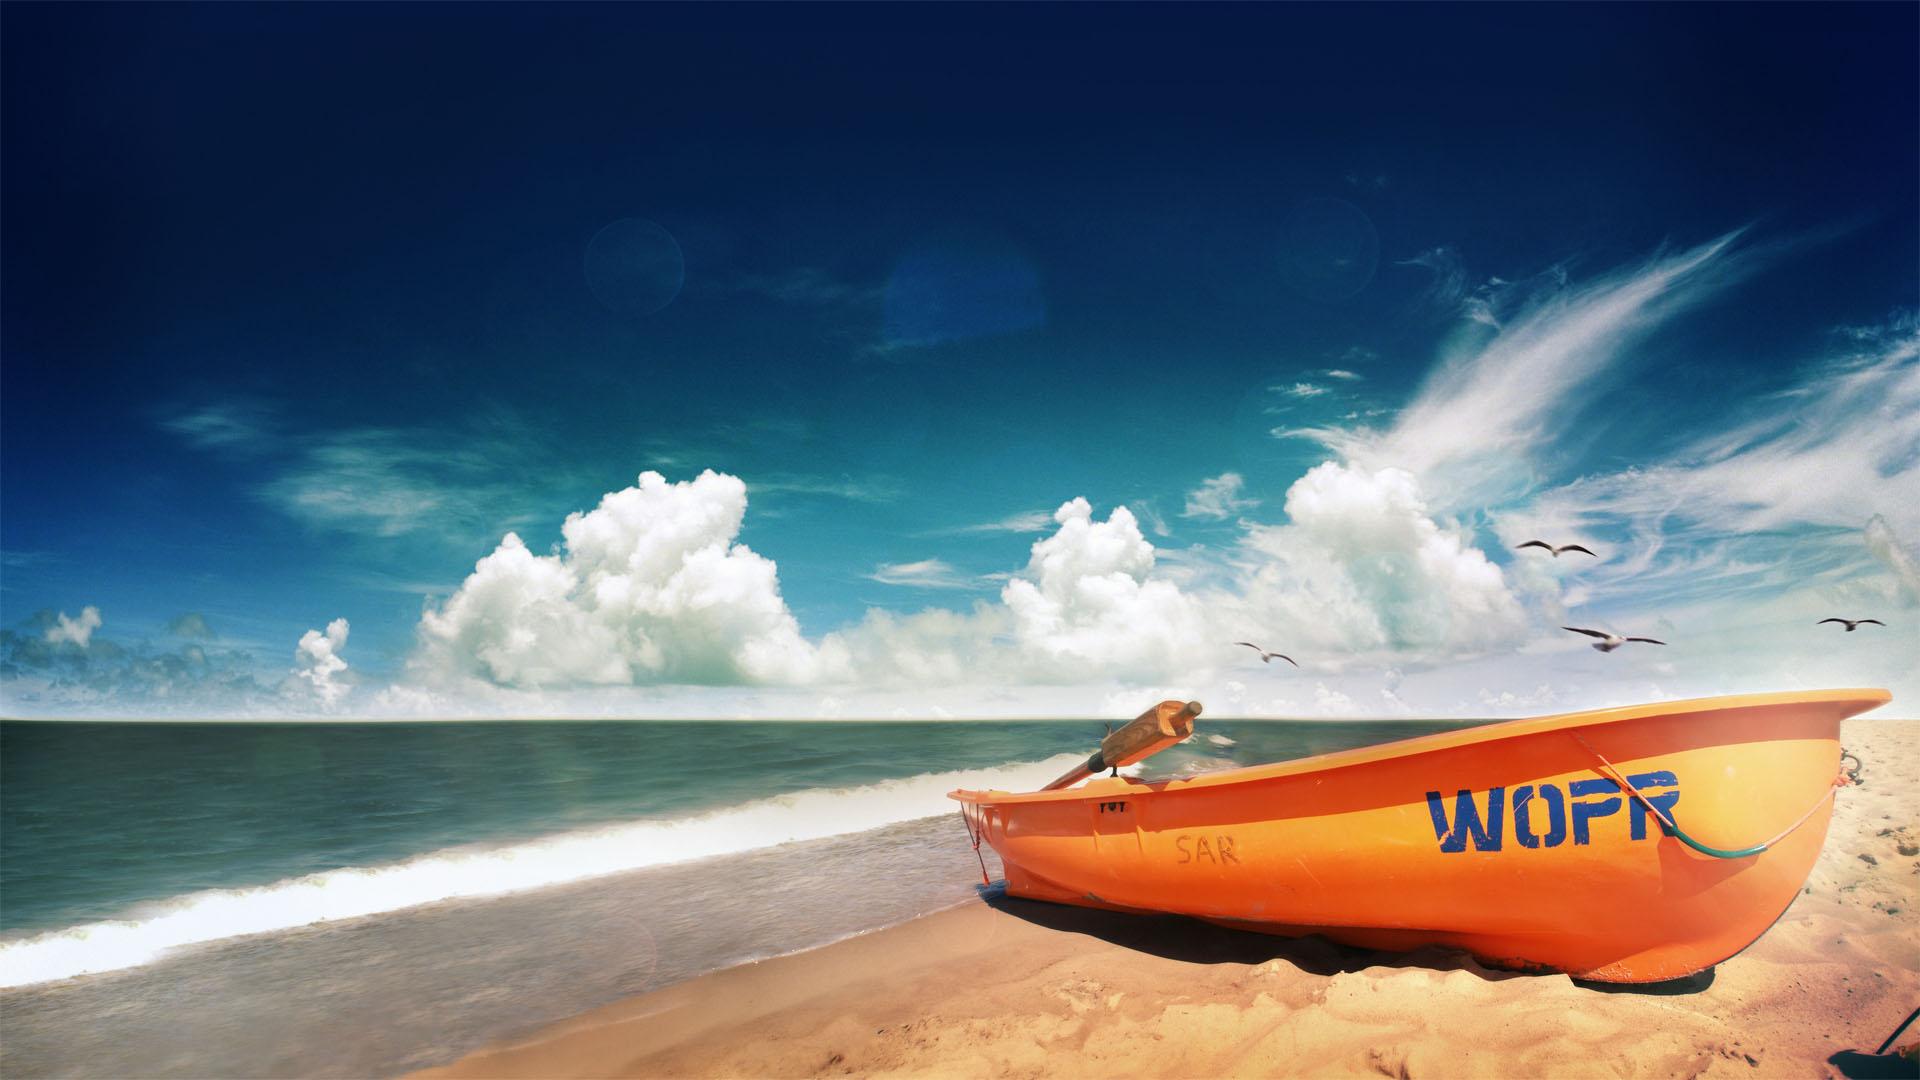 Plaża w nadmorskim Sarbinowie. Na pierwszym planie łódź WOPR.